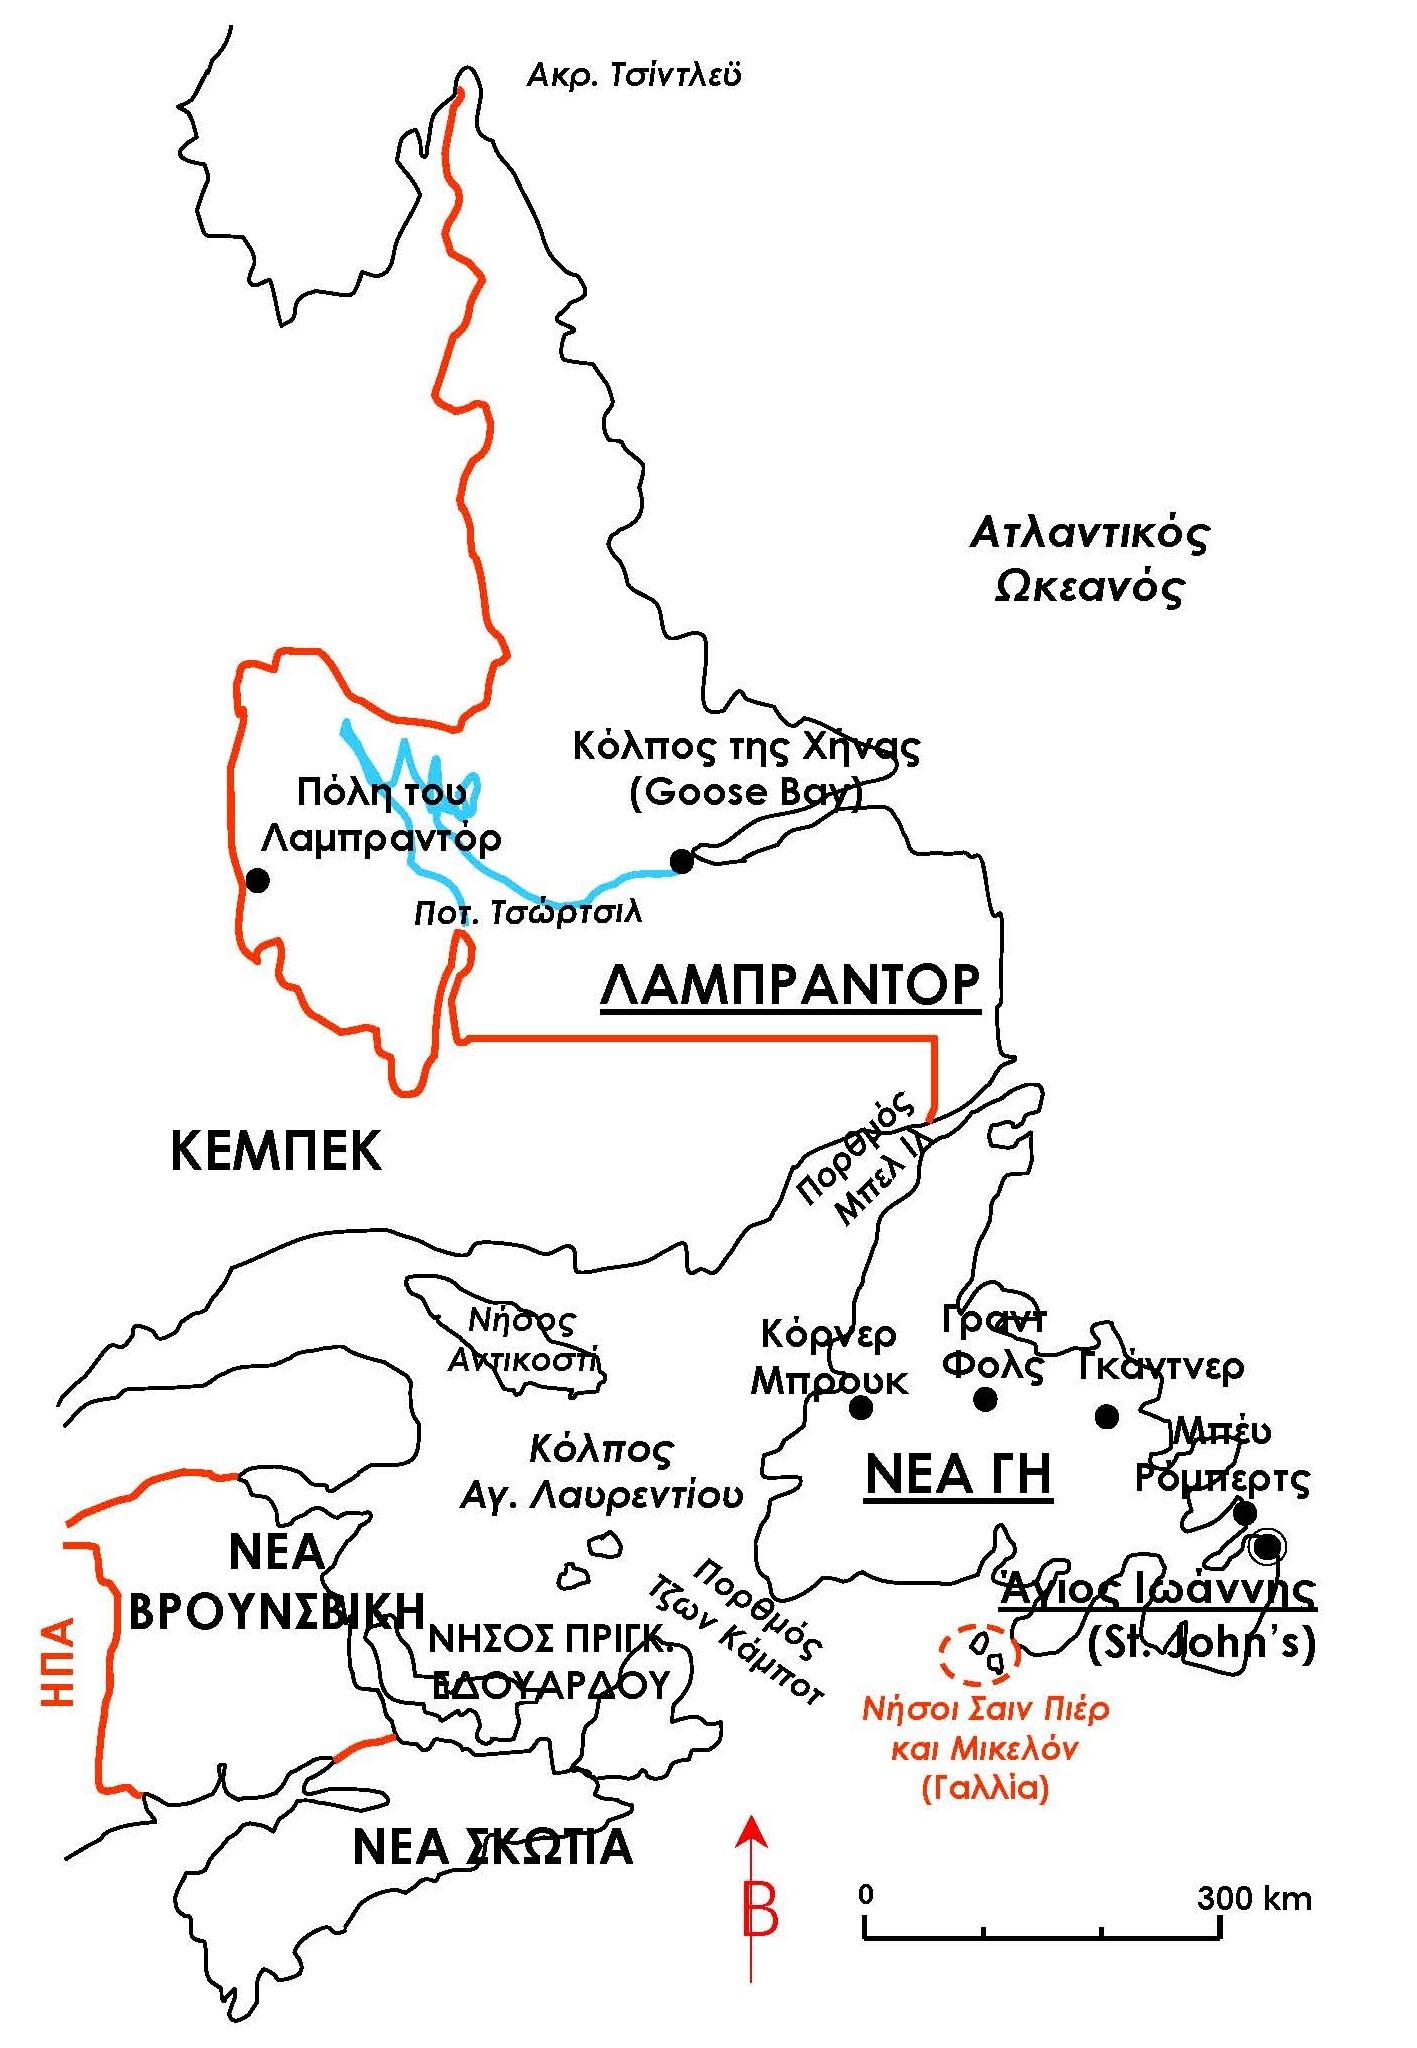 FileNewfoundland And Labrador Map Eljpg Wikimedia Commons - Newfoundland and labrador map